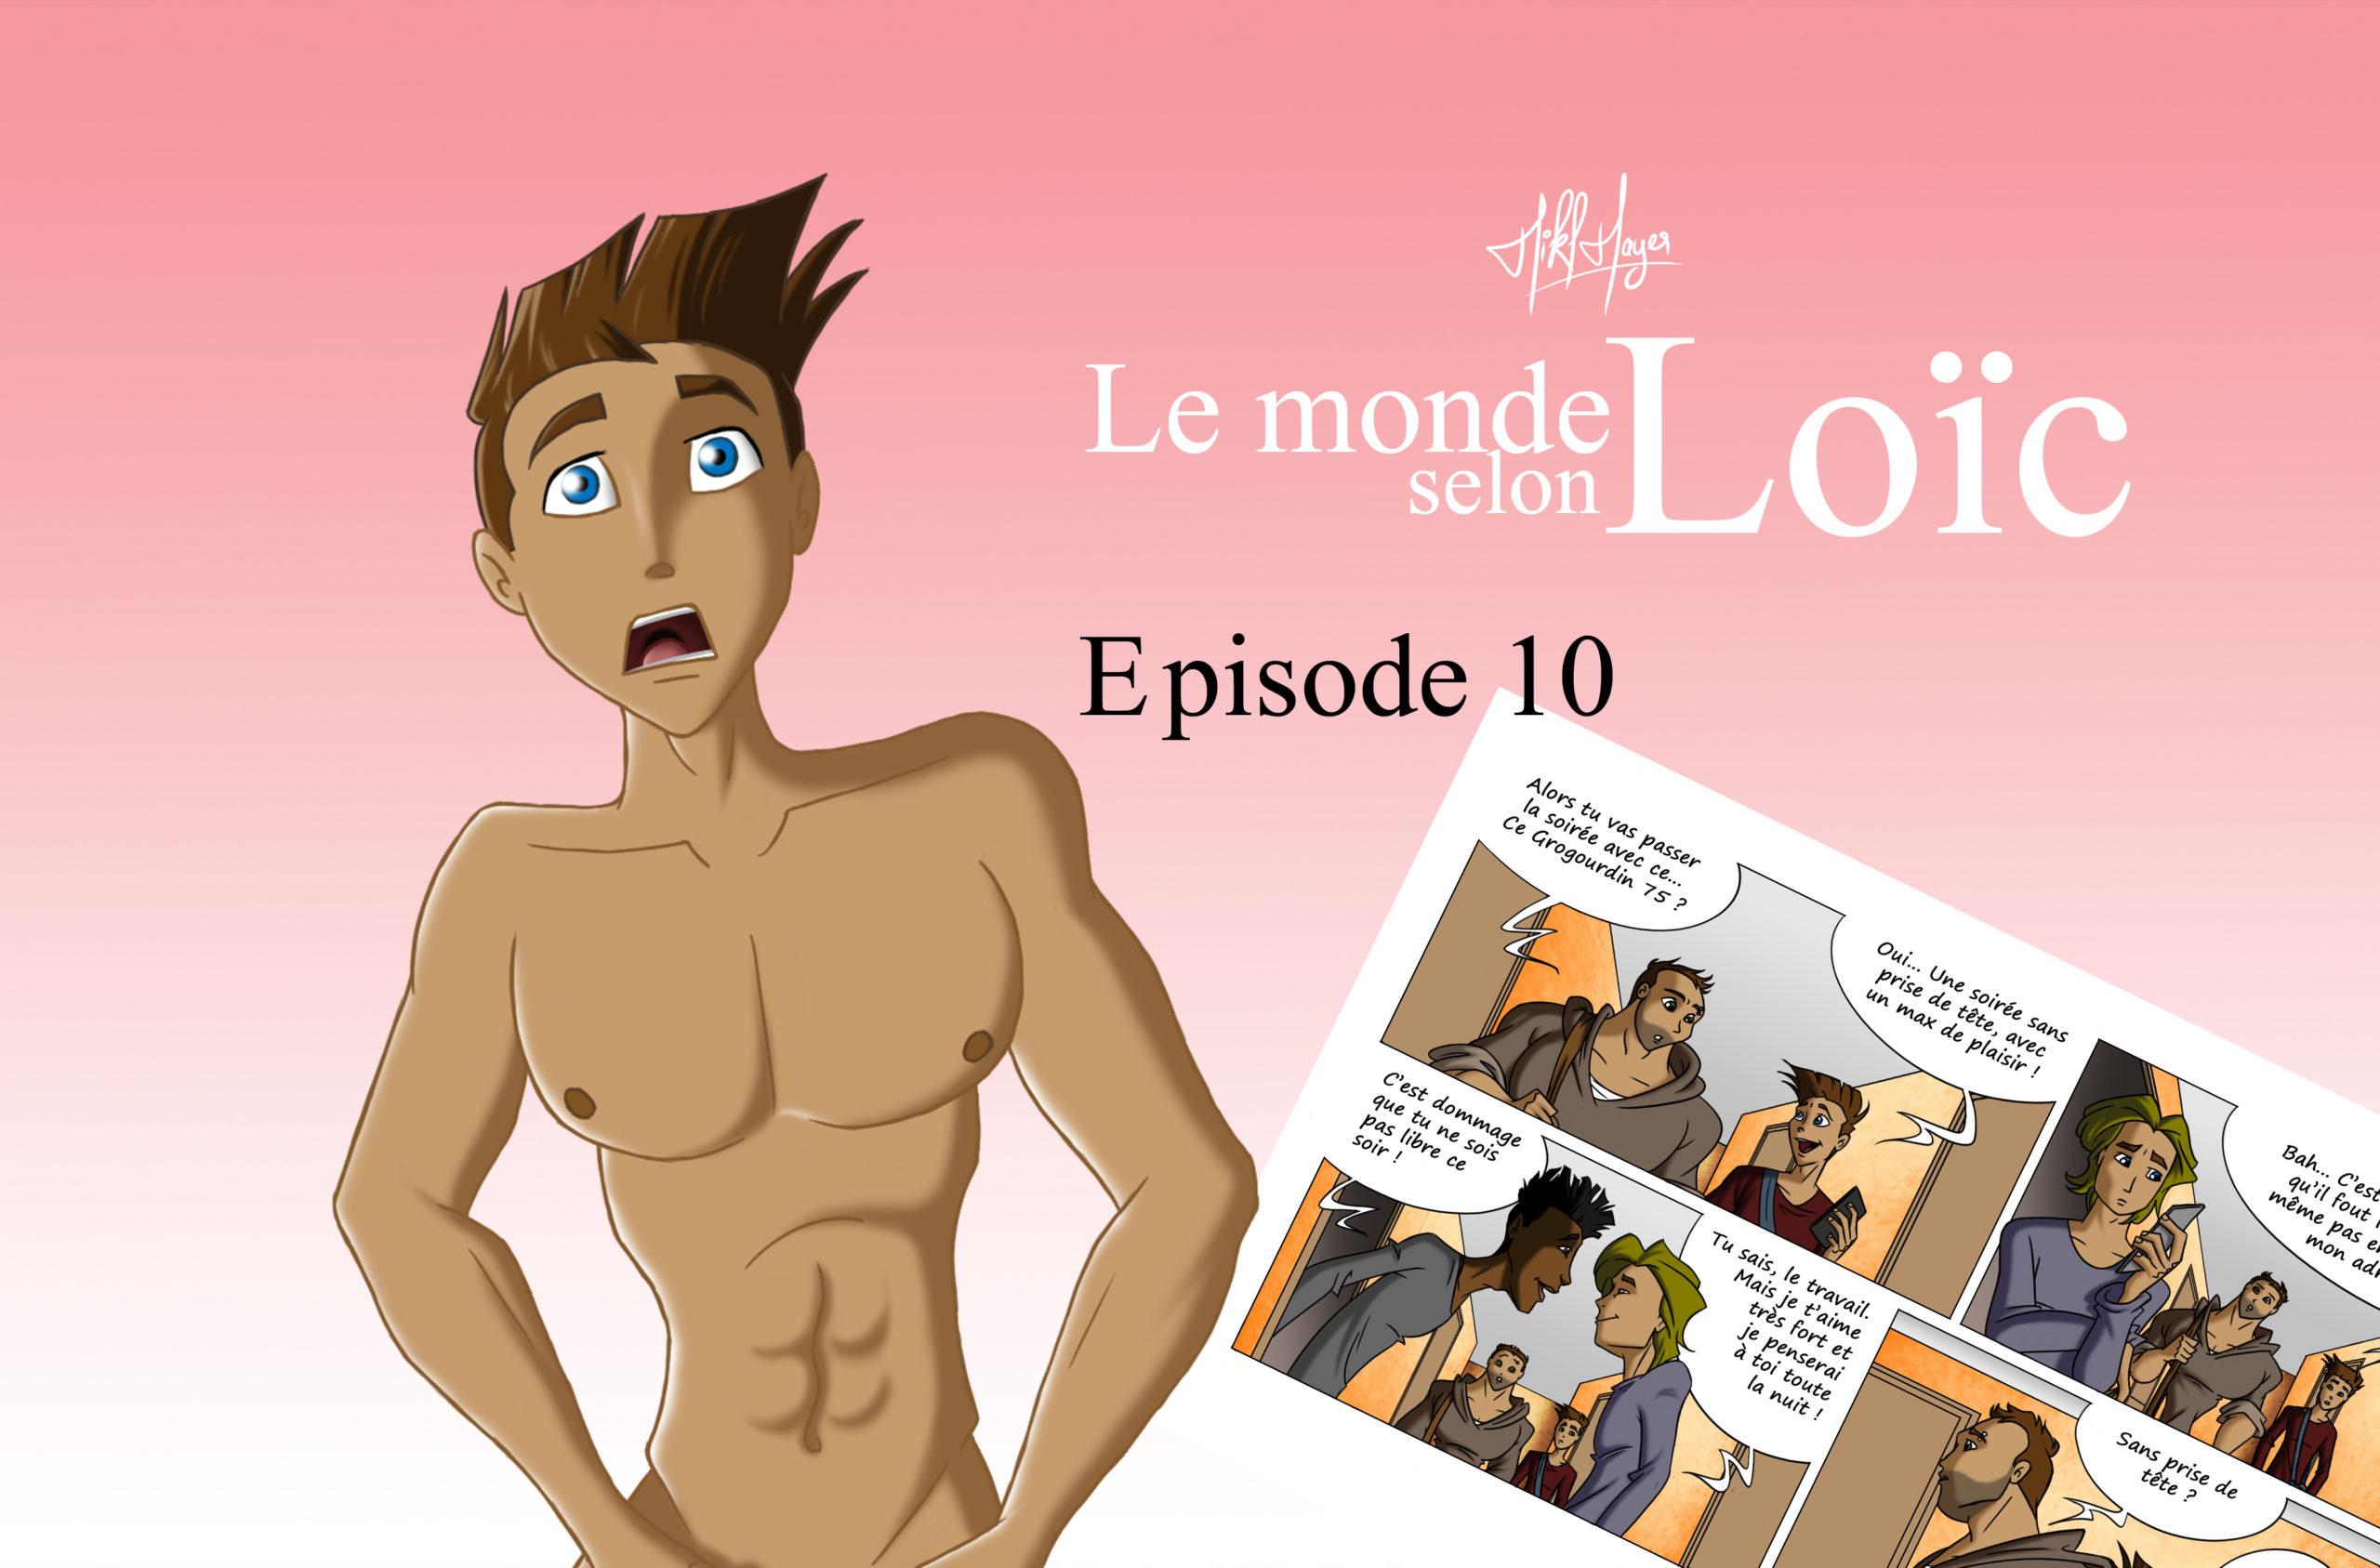 Le monde selon Loïc : Episode 10 (fin de la saison 1)